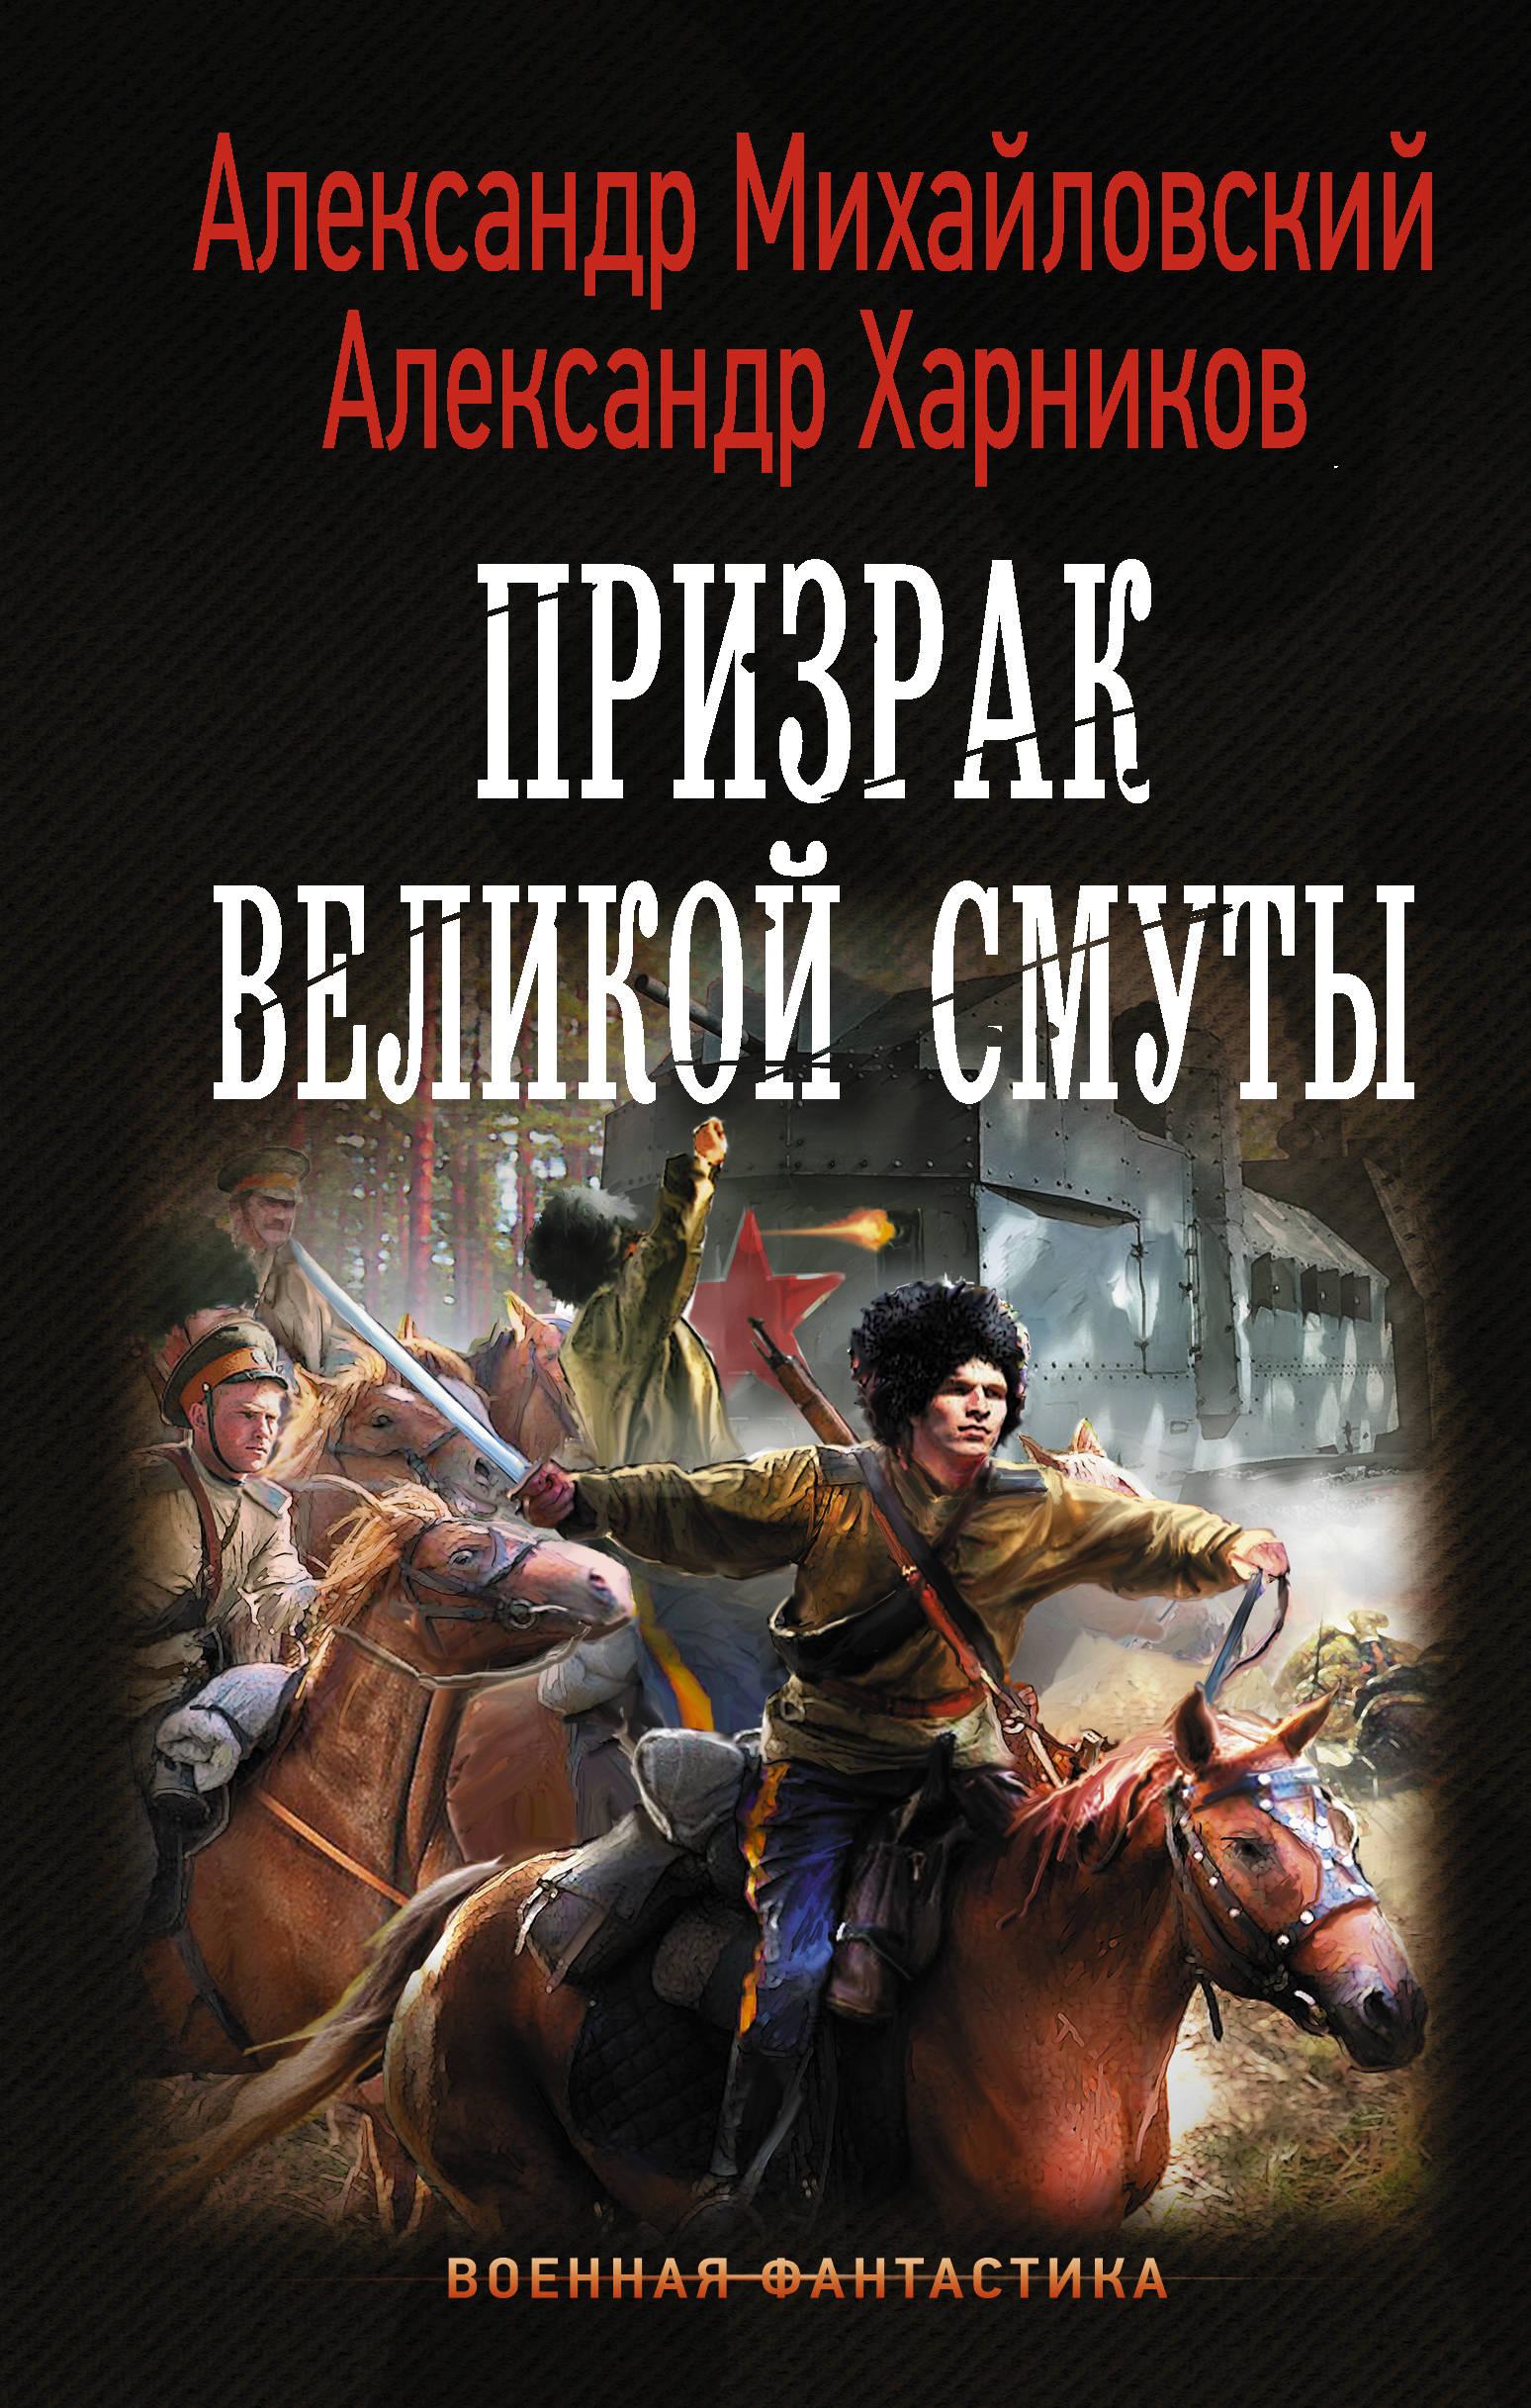 Александр Михайловский, Александр Харников «Призрак Великой Смуты»